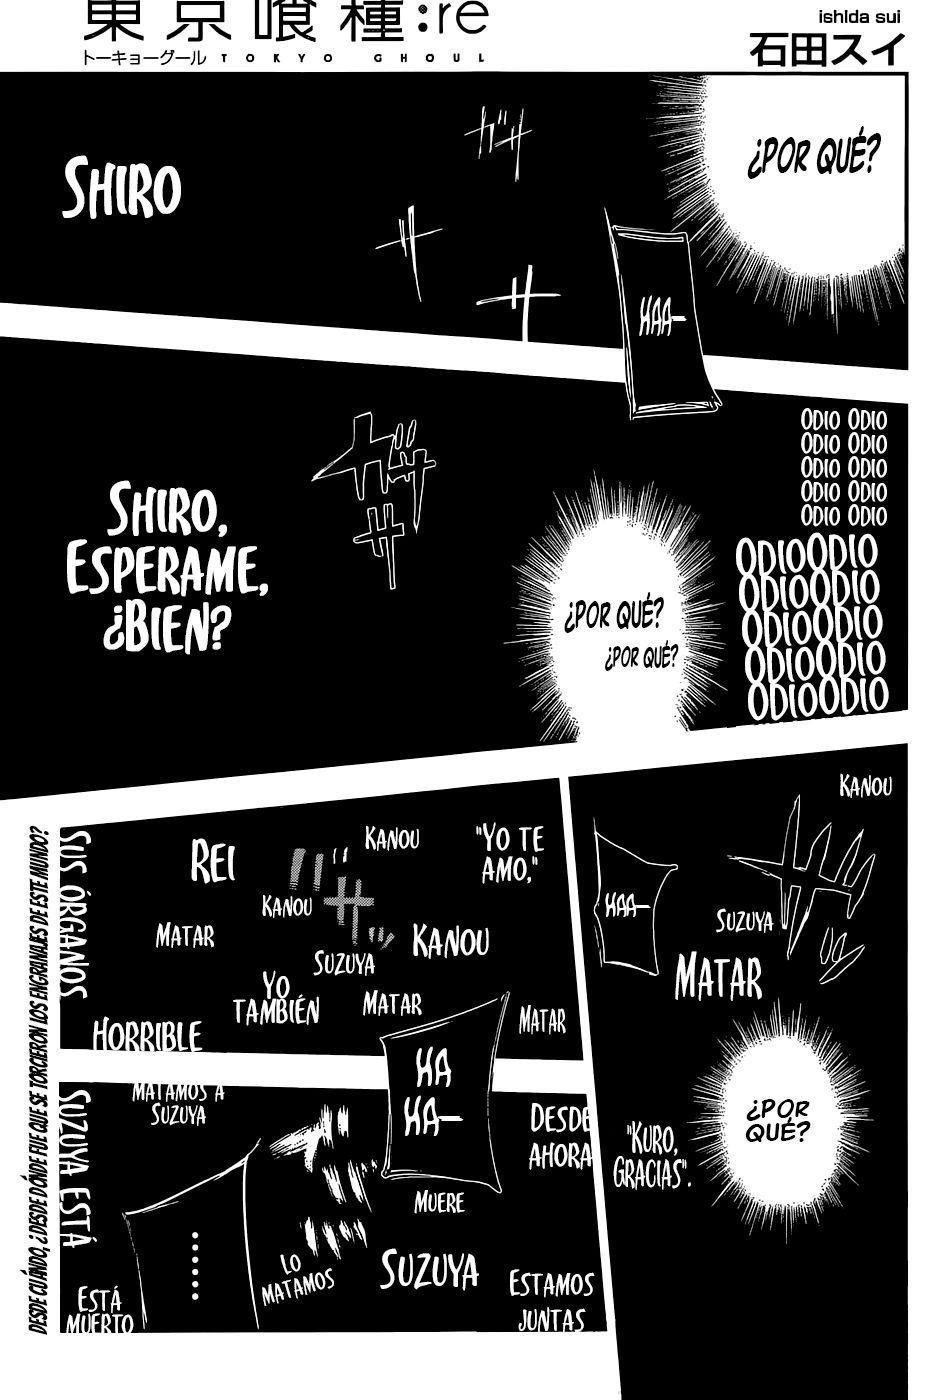 http://c5.ninemanga.com/es_manga/59/59/486951/f8a74c1ea8b73146a5c2f5b597e313d6.jpg Page 2